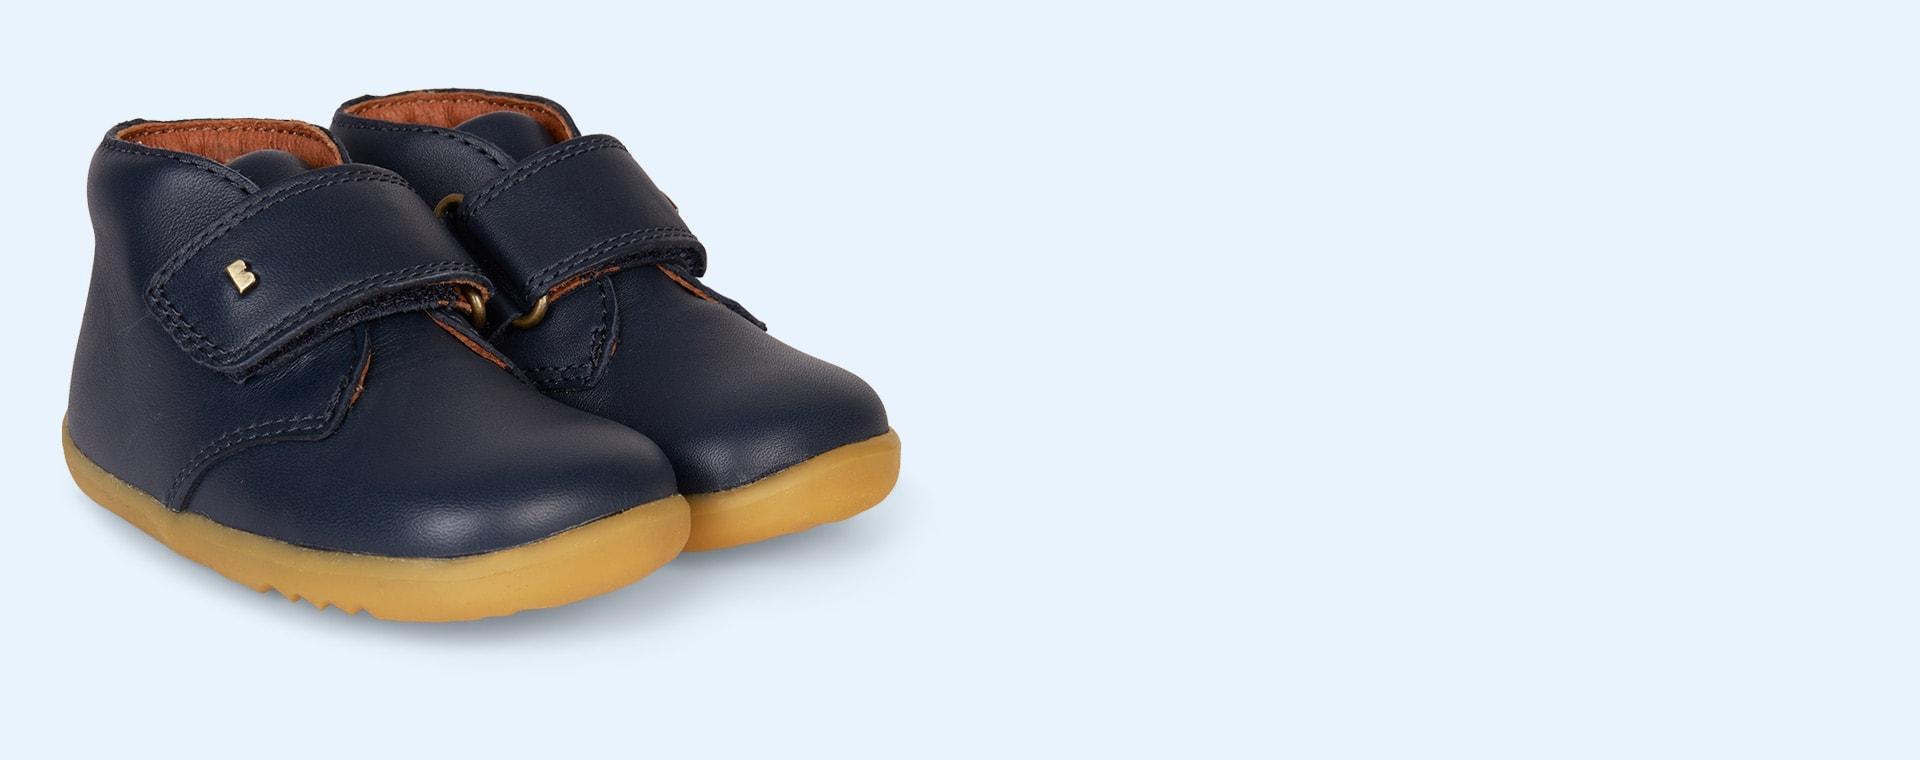 Navy Bobux Desert Step-Up Boot